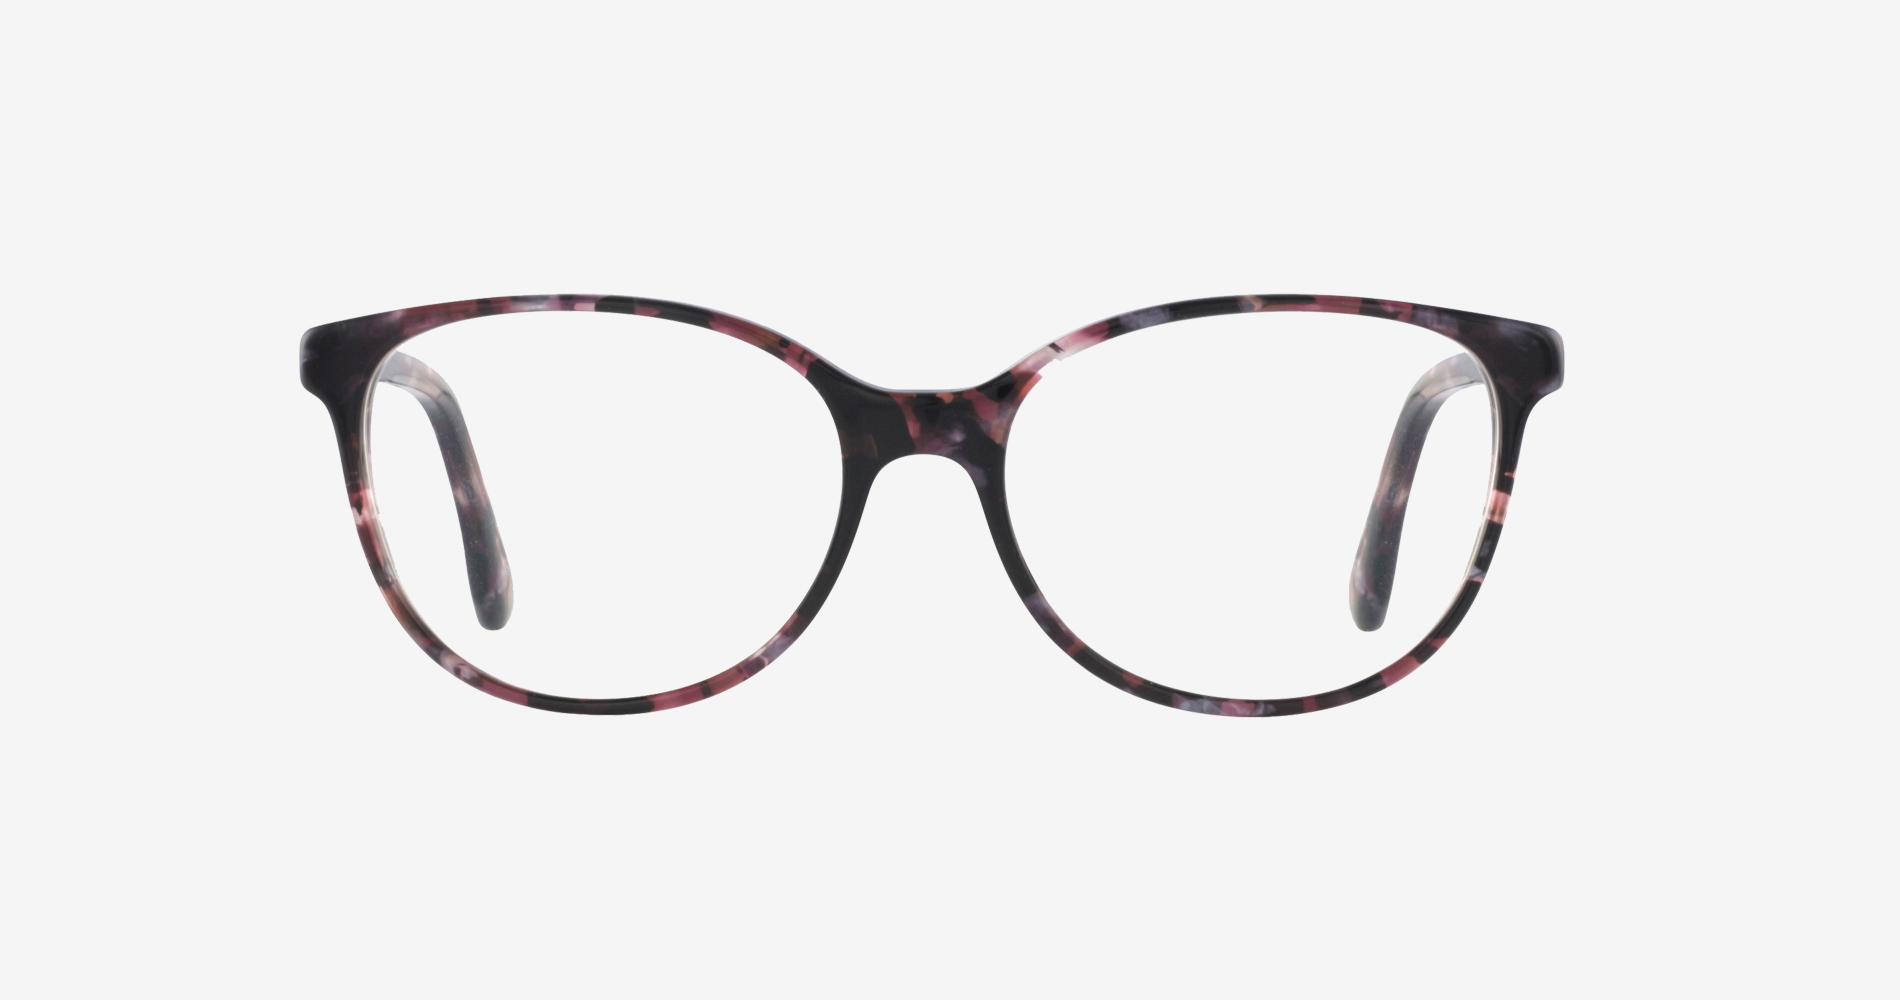 comment choisir des lunettes qui me vont vraiment. Black Bedroom Furniture Sets. Home Design Ideas